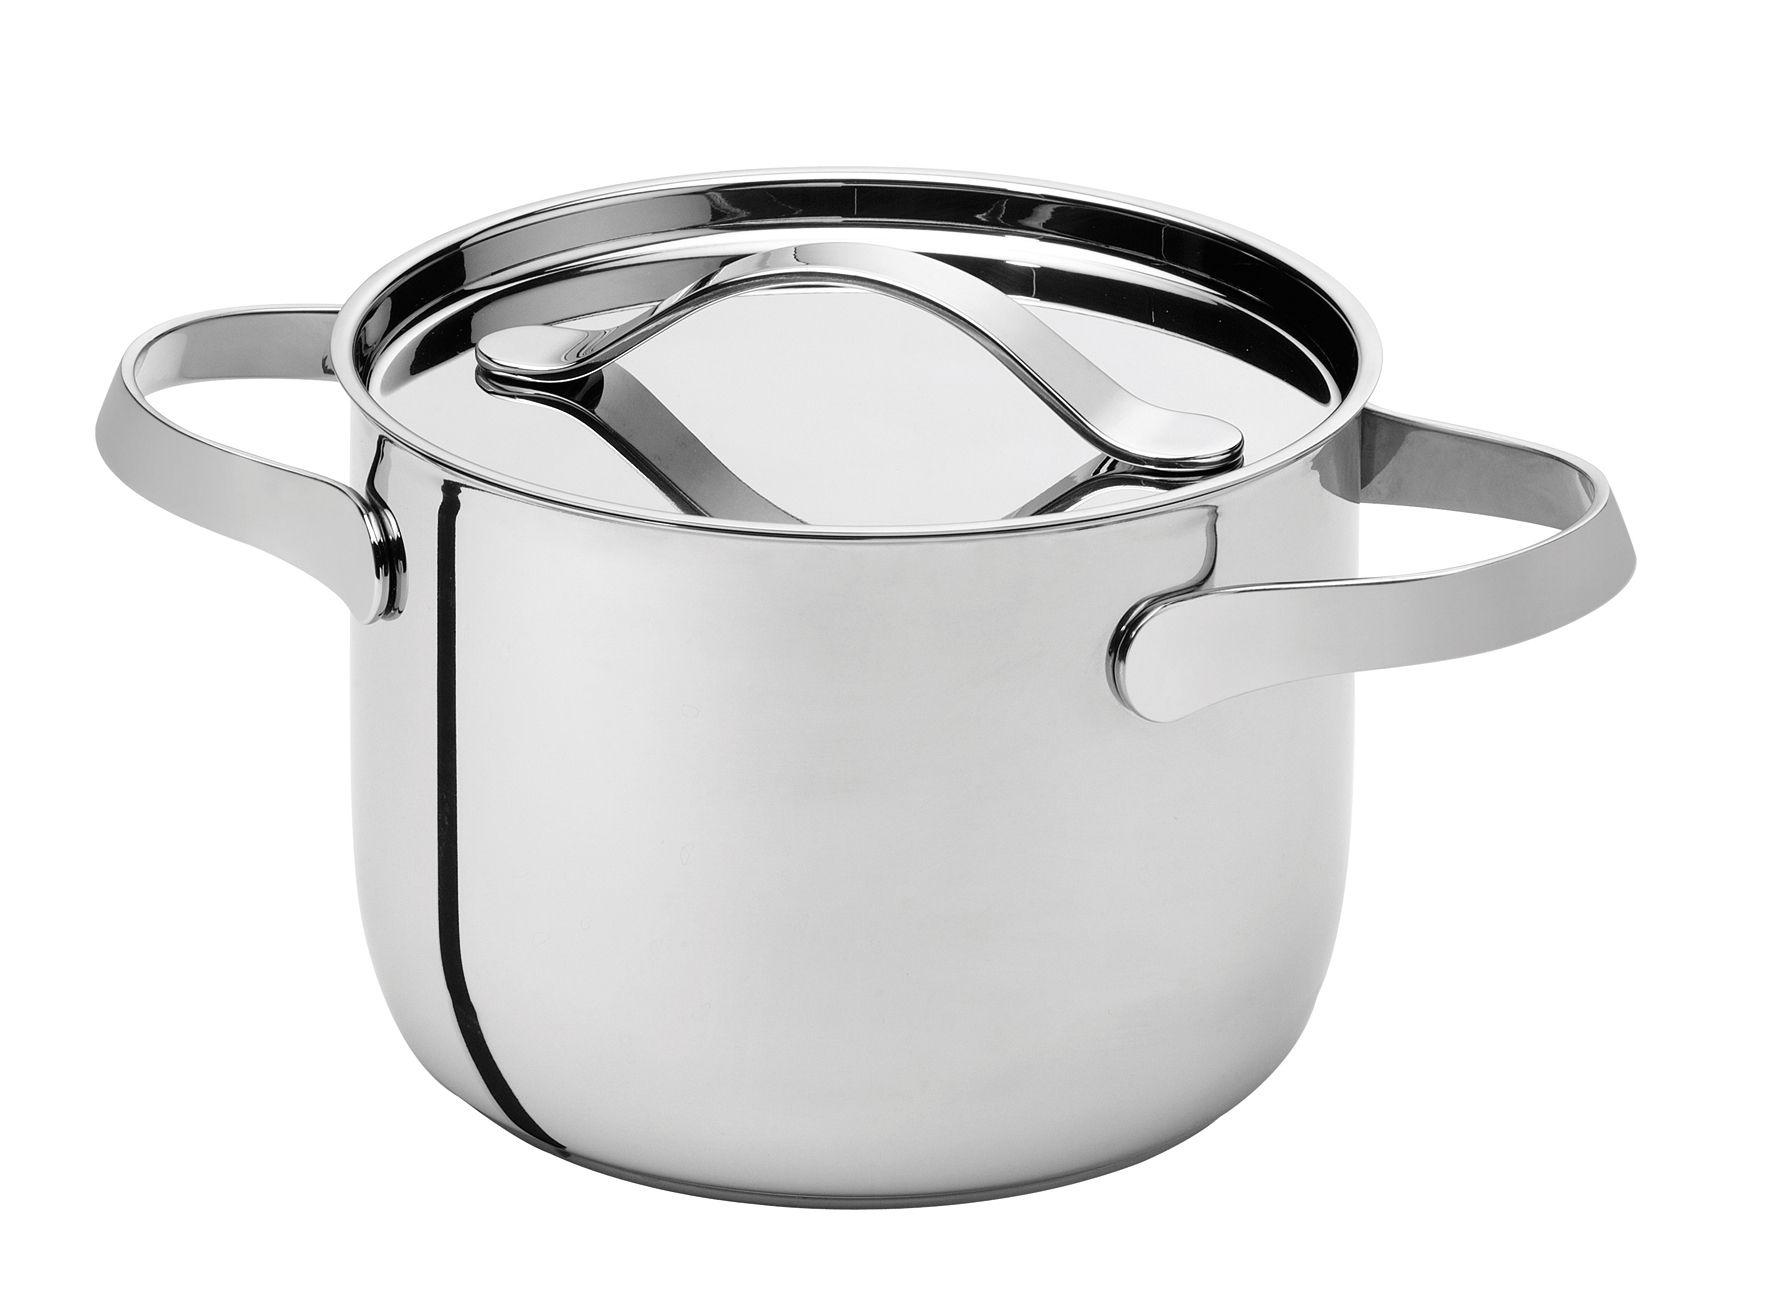 Cuisine - Casseroles, poêles, plats... - Marmite Al Dente Ø 24 cm / 7L - Sans couvercle - Serafino Zani - Ø 24 cm - Inox brillant - Acier inoxydable poli